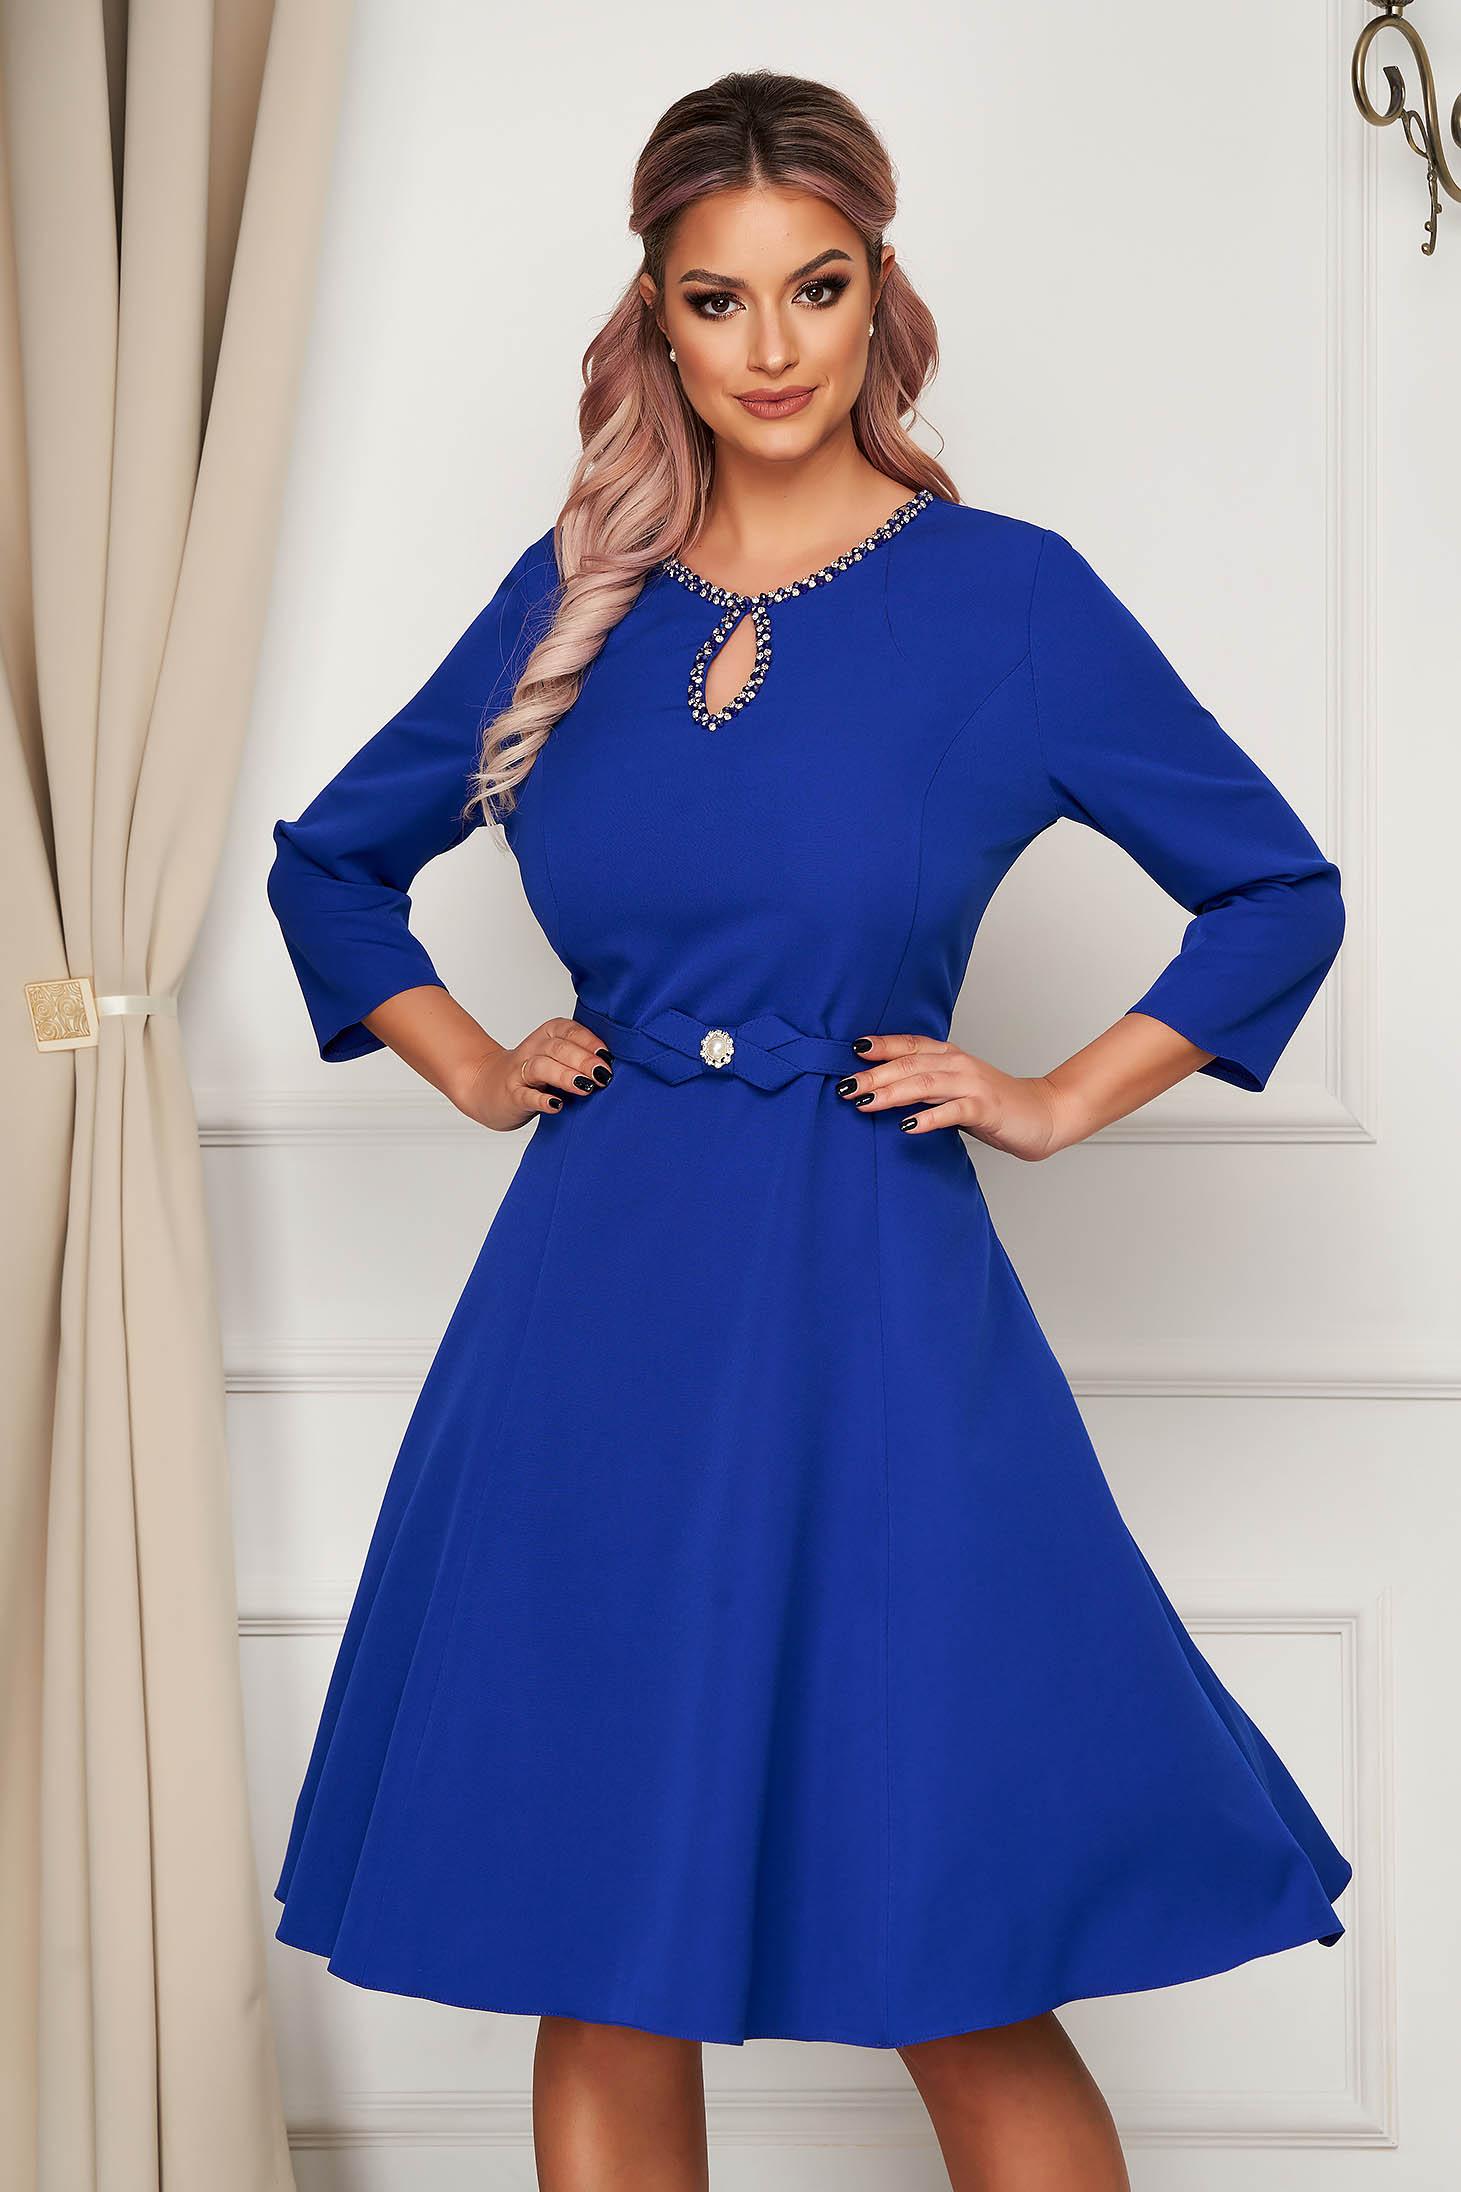 Rochie albastra midi eleganta din stofa in clos cu aplicatii cu pietre strass